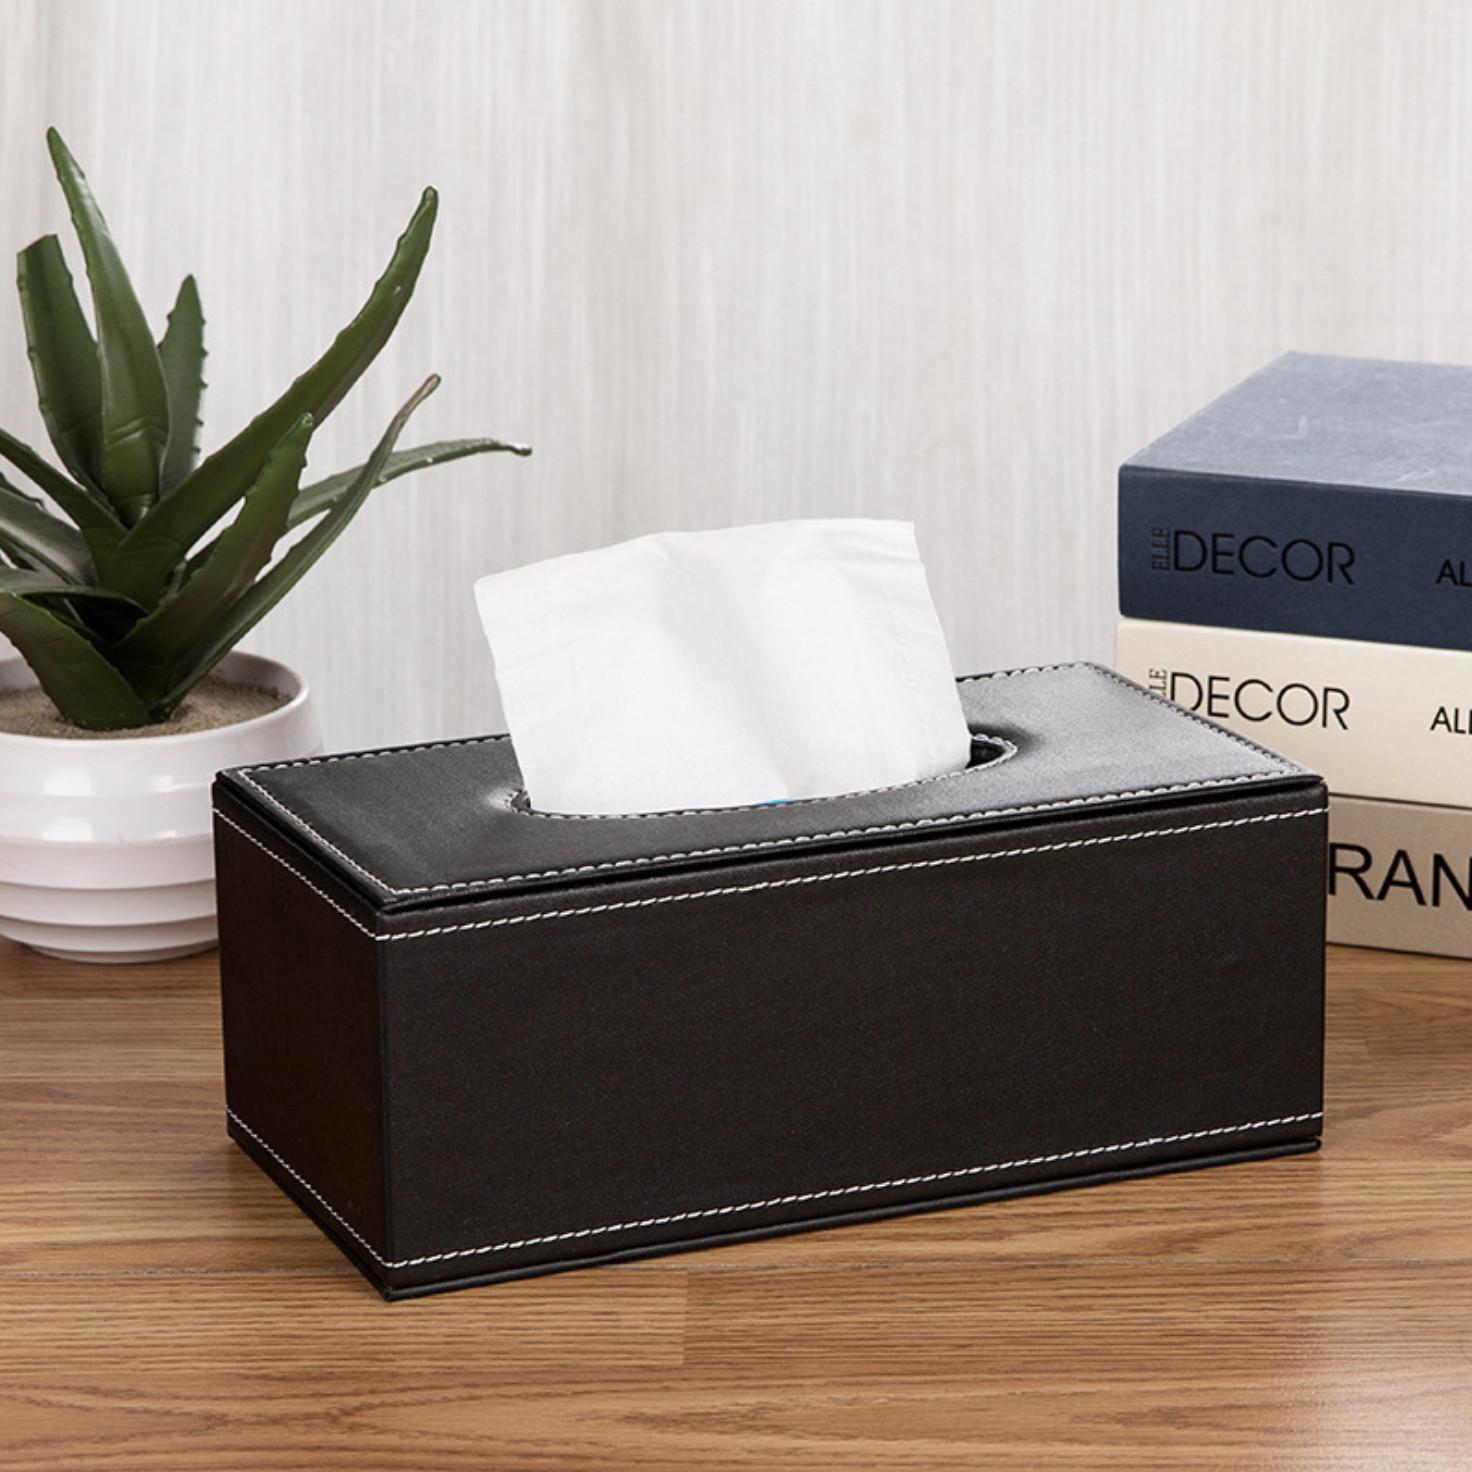 Hộp đựng giấy ăn tiện dụng